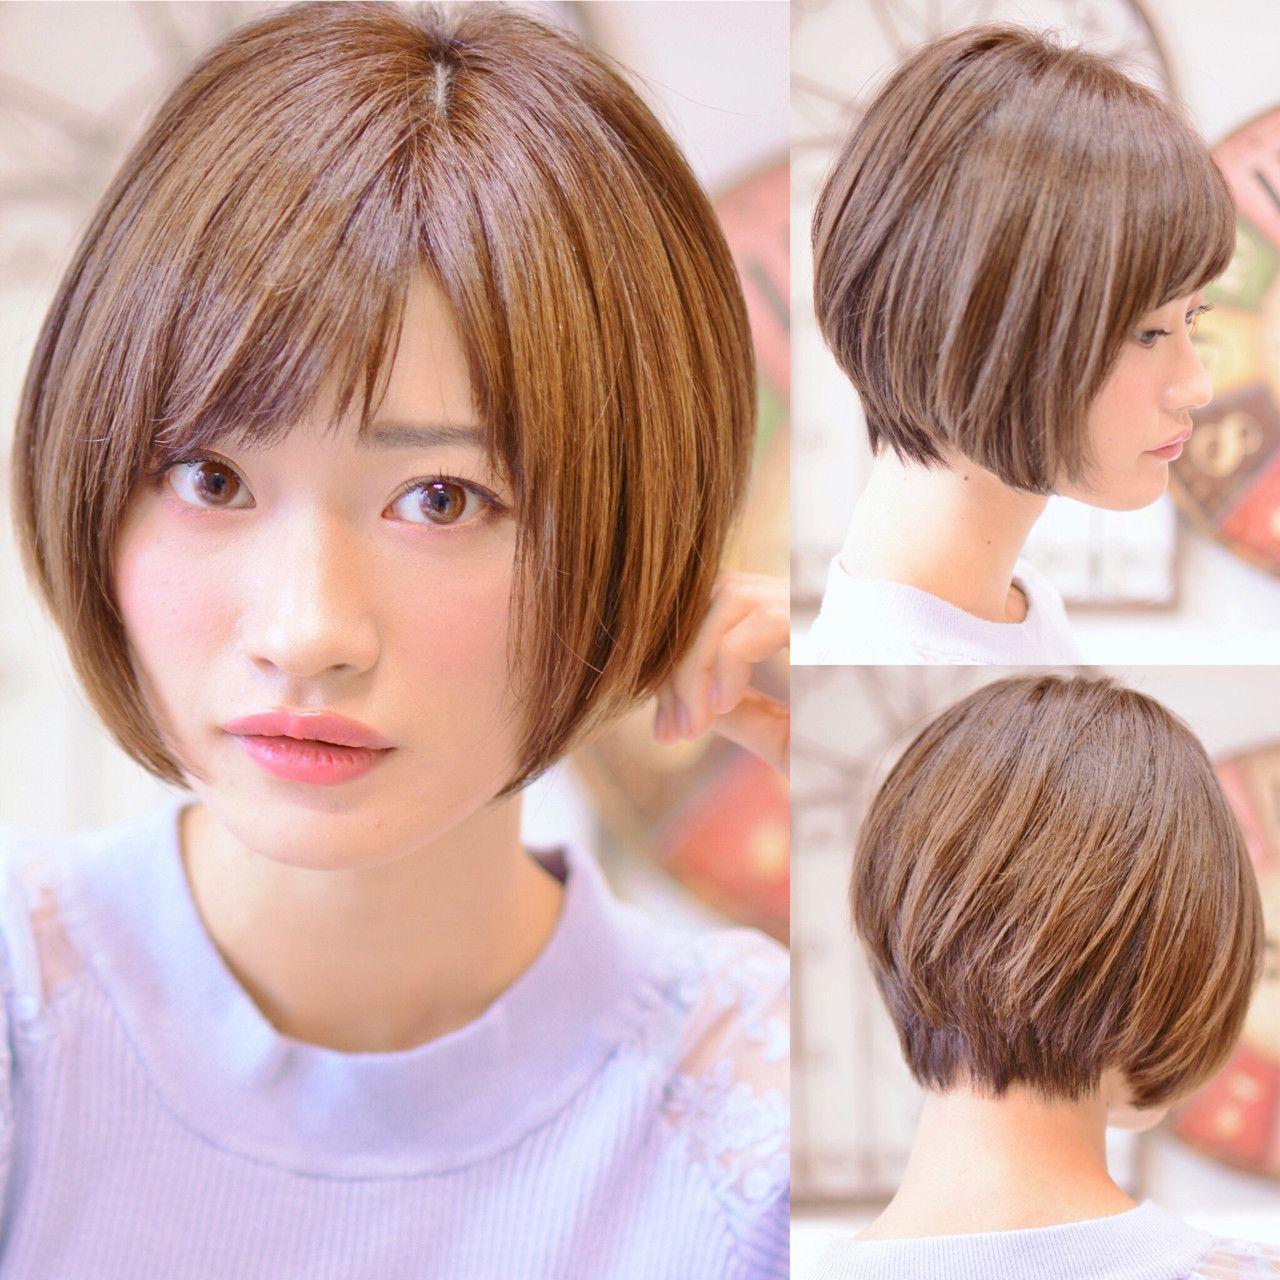 芸能人にも人気 前下がりのショートボブスタイル集 Hair ヘアスタイリング ショートのヘアスタイル ショートボブ 前髪